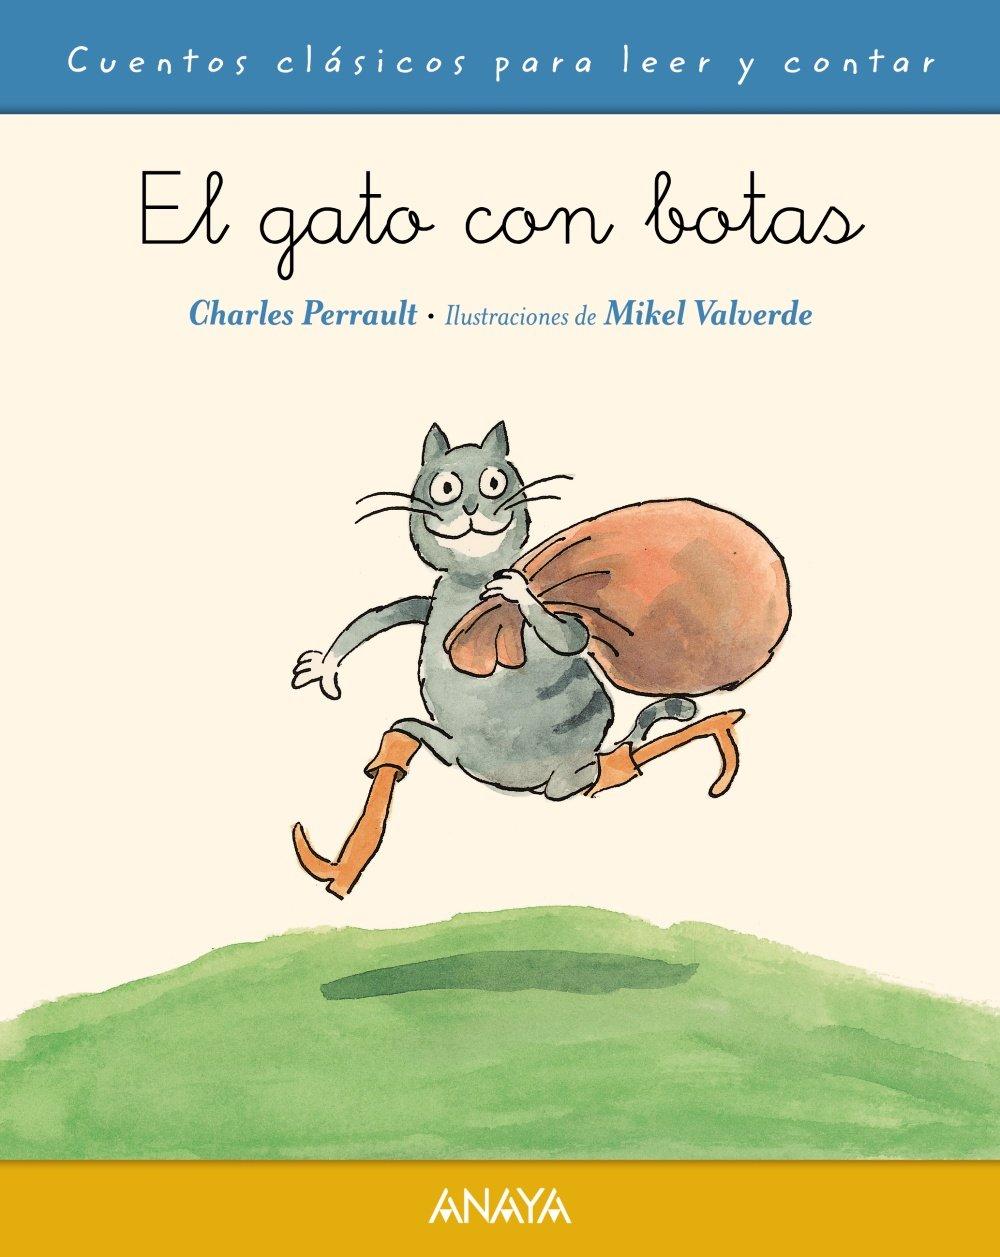 El gato con botas PRIMEROS LECTORES 1-5 años - Cuentos clásicos ...